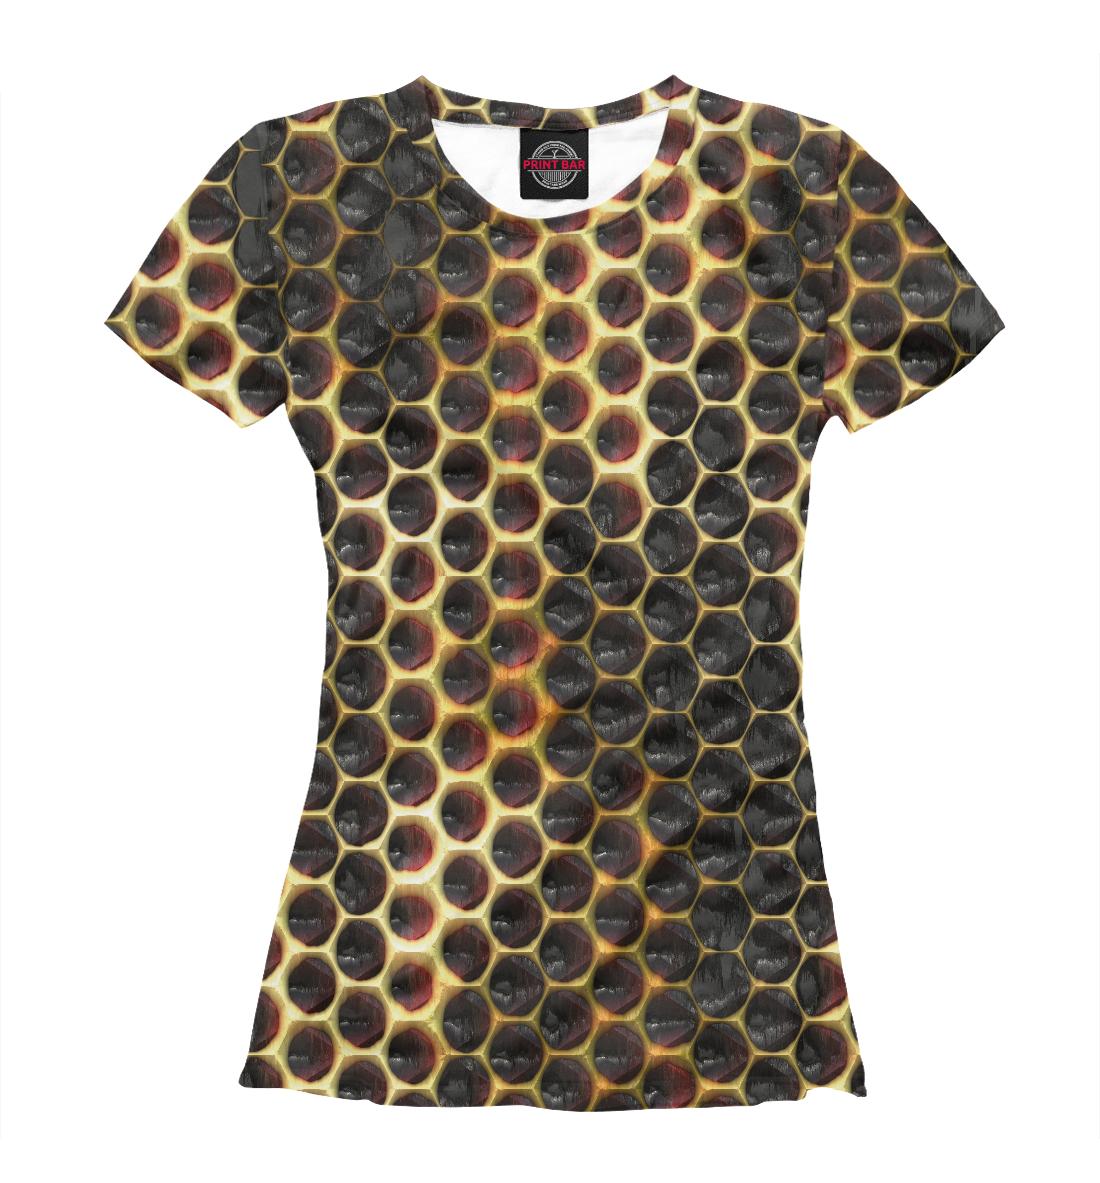 Купить Сладкая одежда из пчелиных сот, Printbar, Футболки, EDA-545526-fut-1